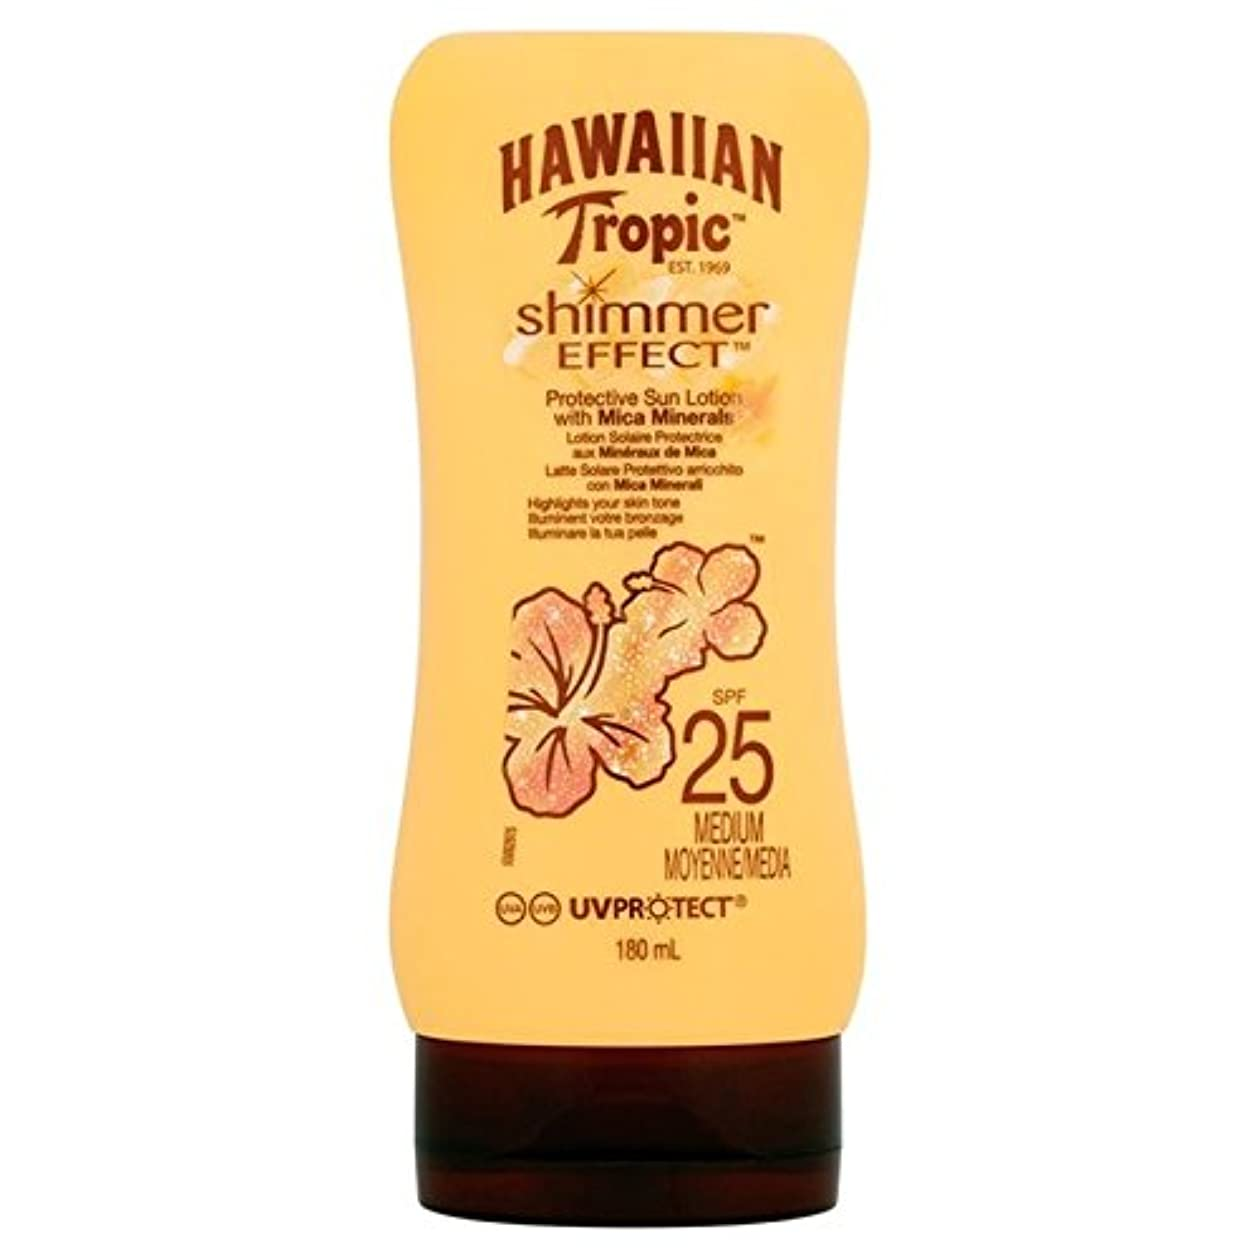 型ペレグリネーションデュアル南国ハワイシルクきらめき効果の日焼け止めクリーム 25 180ミリリットル x2 - Hawaiian Tropic Silk Shimmer Effect Sun Cream SPF 25 180ml (Pack of...